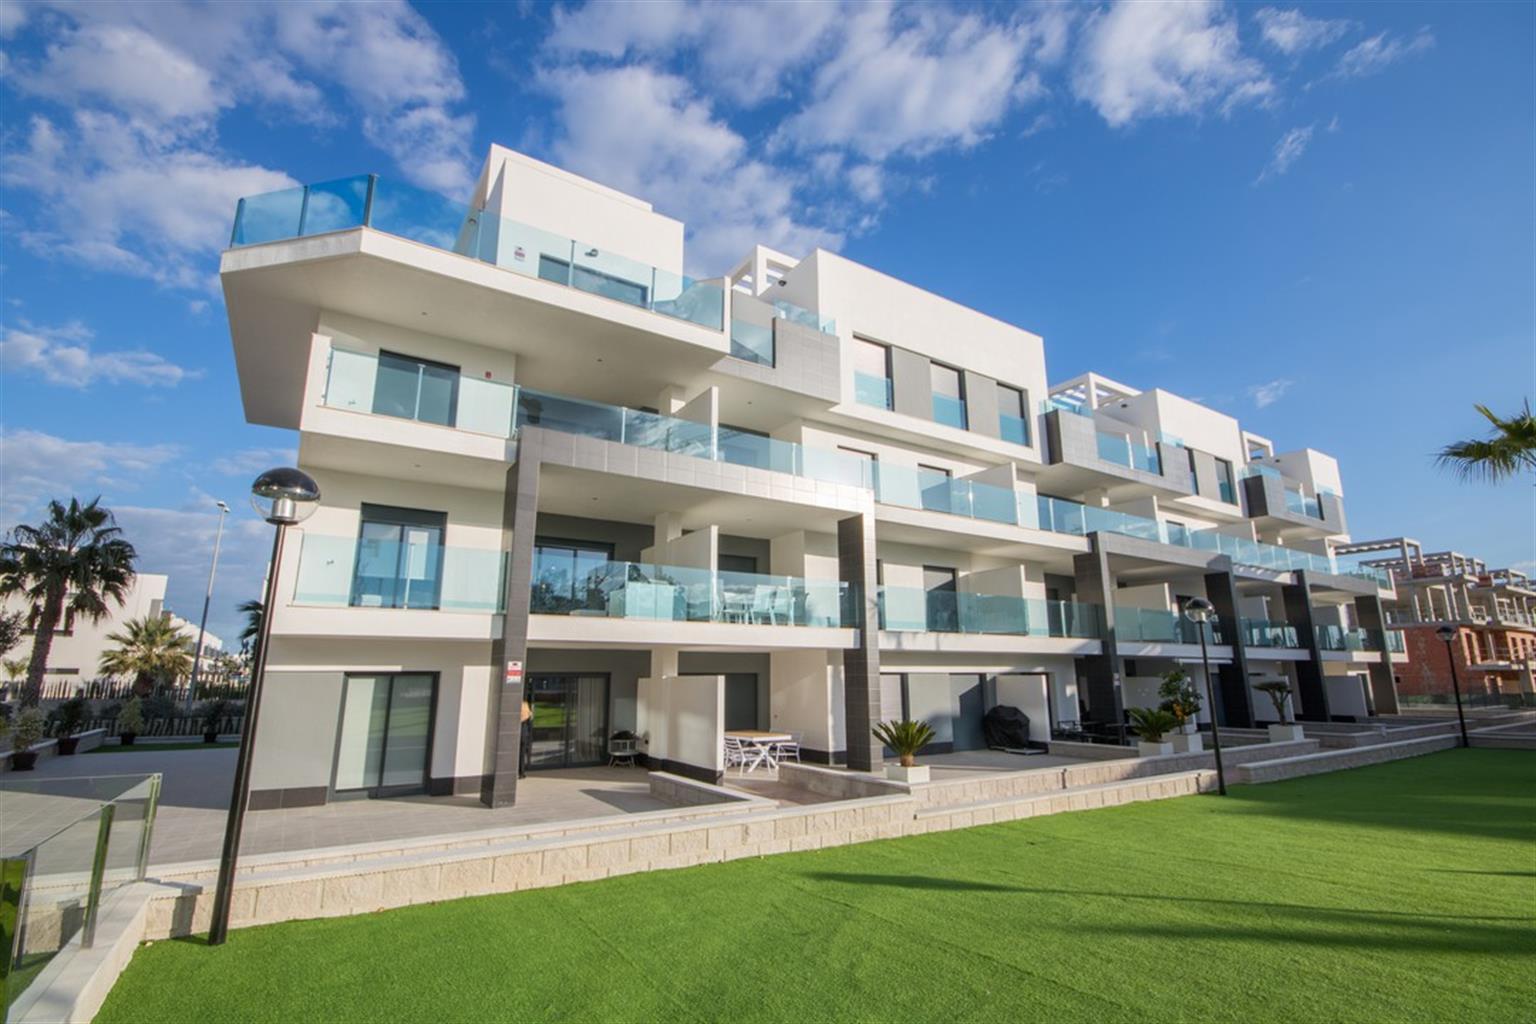 Appartement - El Raso  - #4230271-25